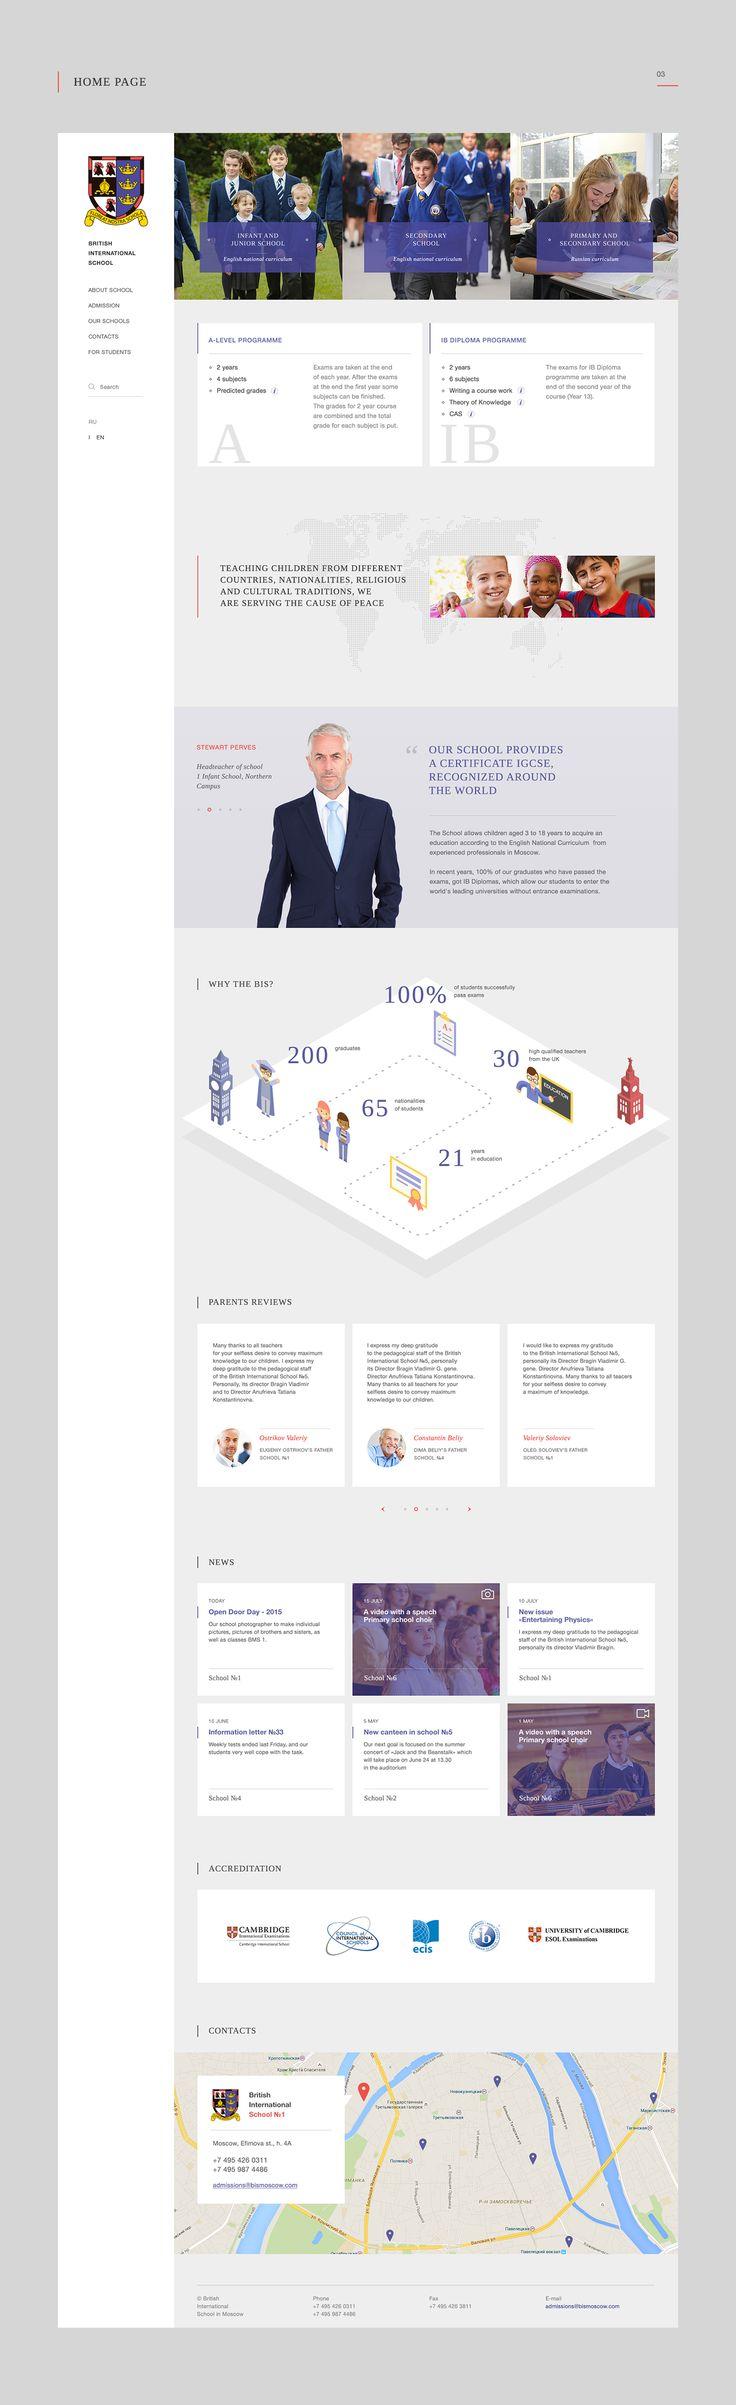 Создание туристических сайтов студия web дизайн москва aranty создание сайтов cd ucoz скачать